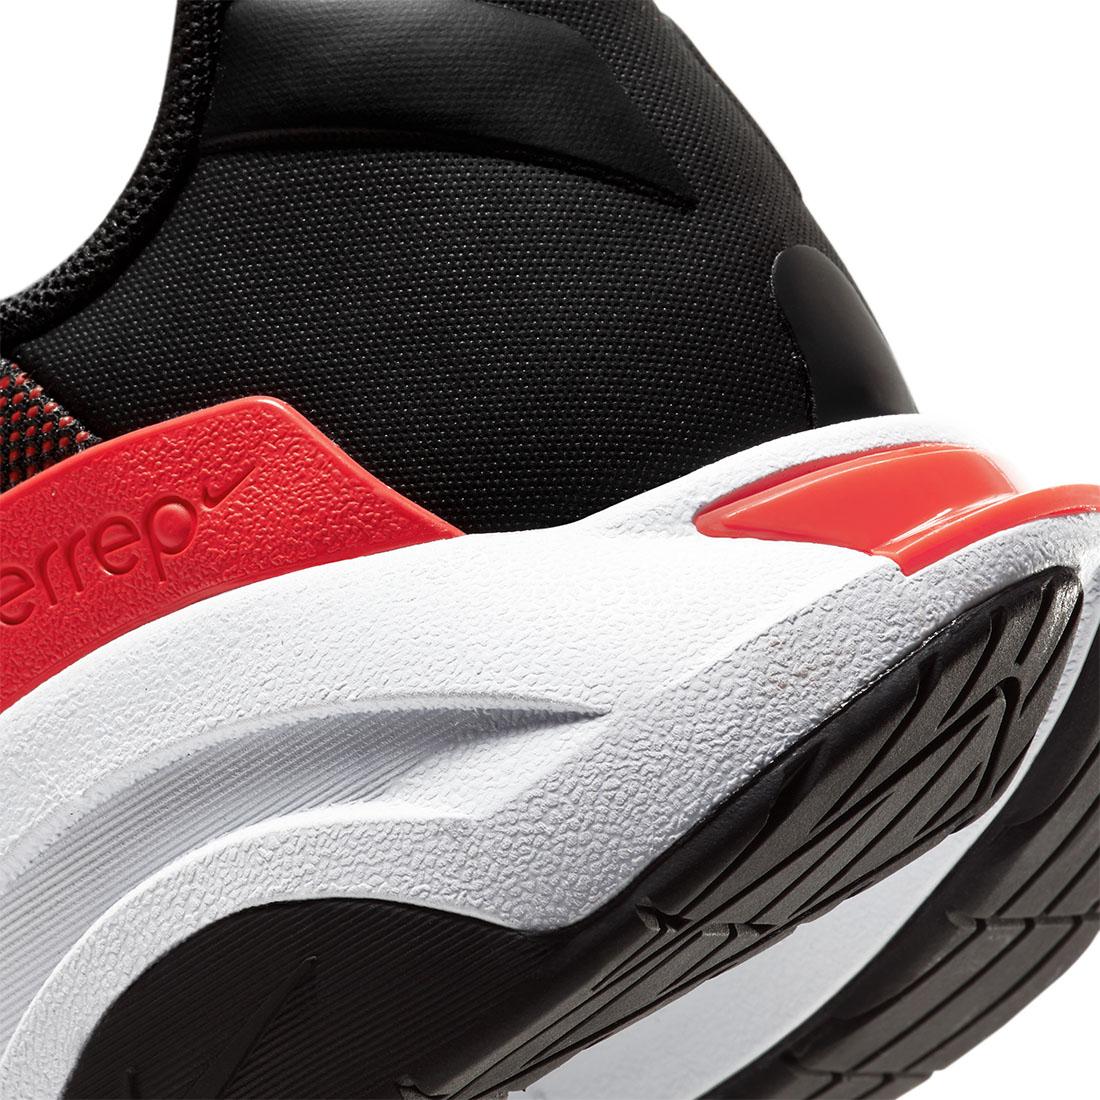 Nike SuperRep Surge